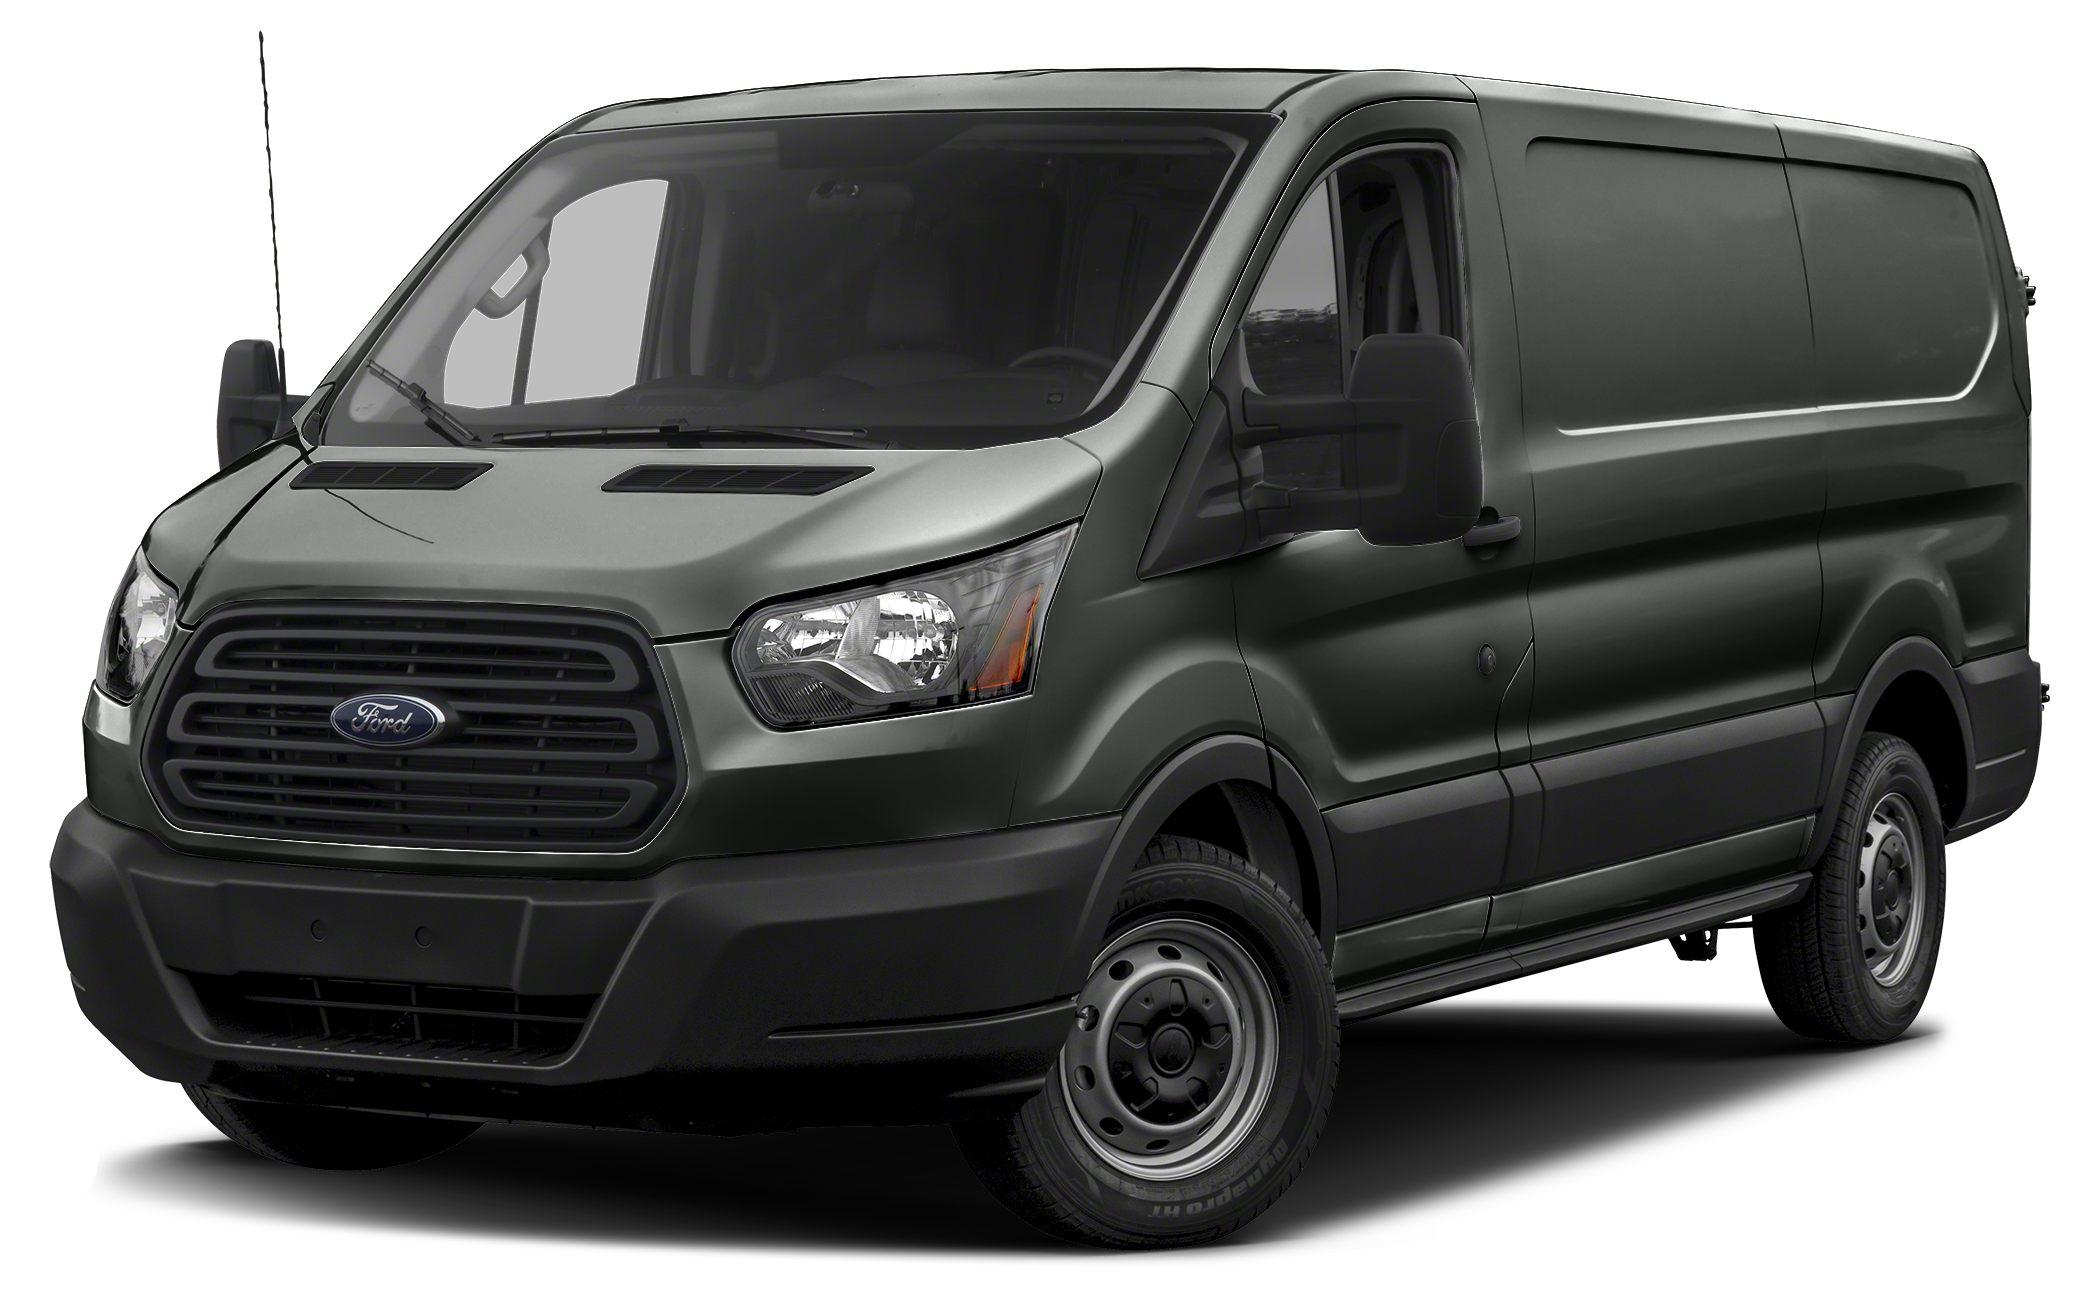 Honda Odyssey Vs Toyota Sienna >> RAM ProMaster City Cargo Van ST vs Chevrolet City Express ...